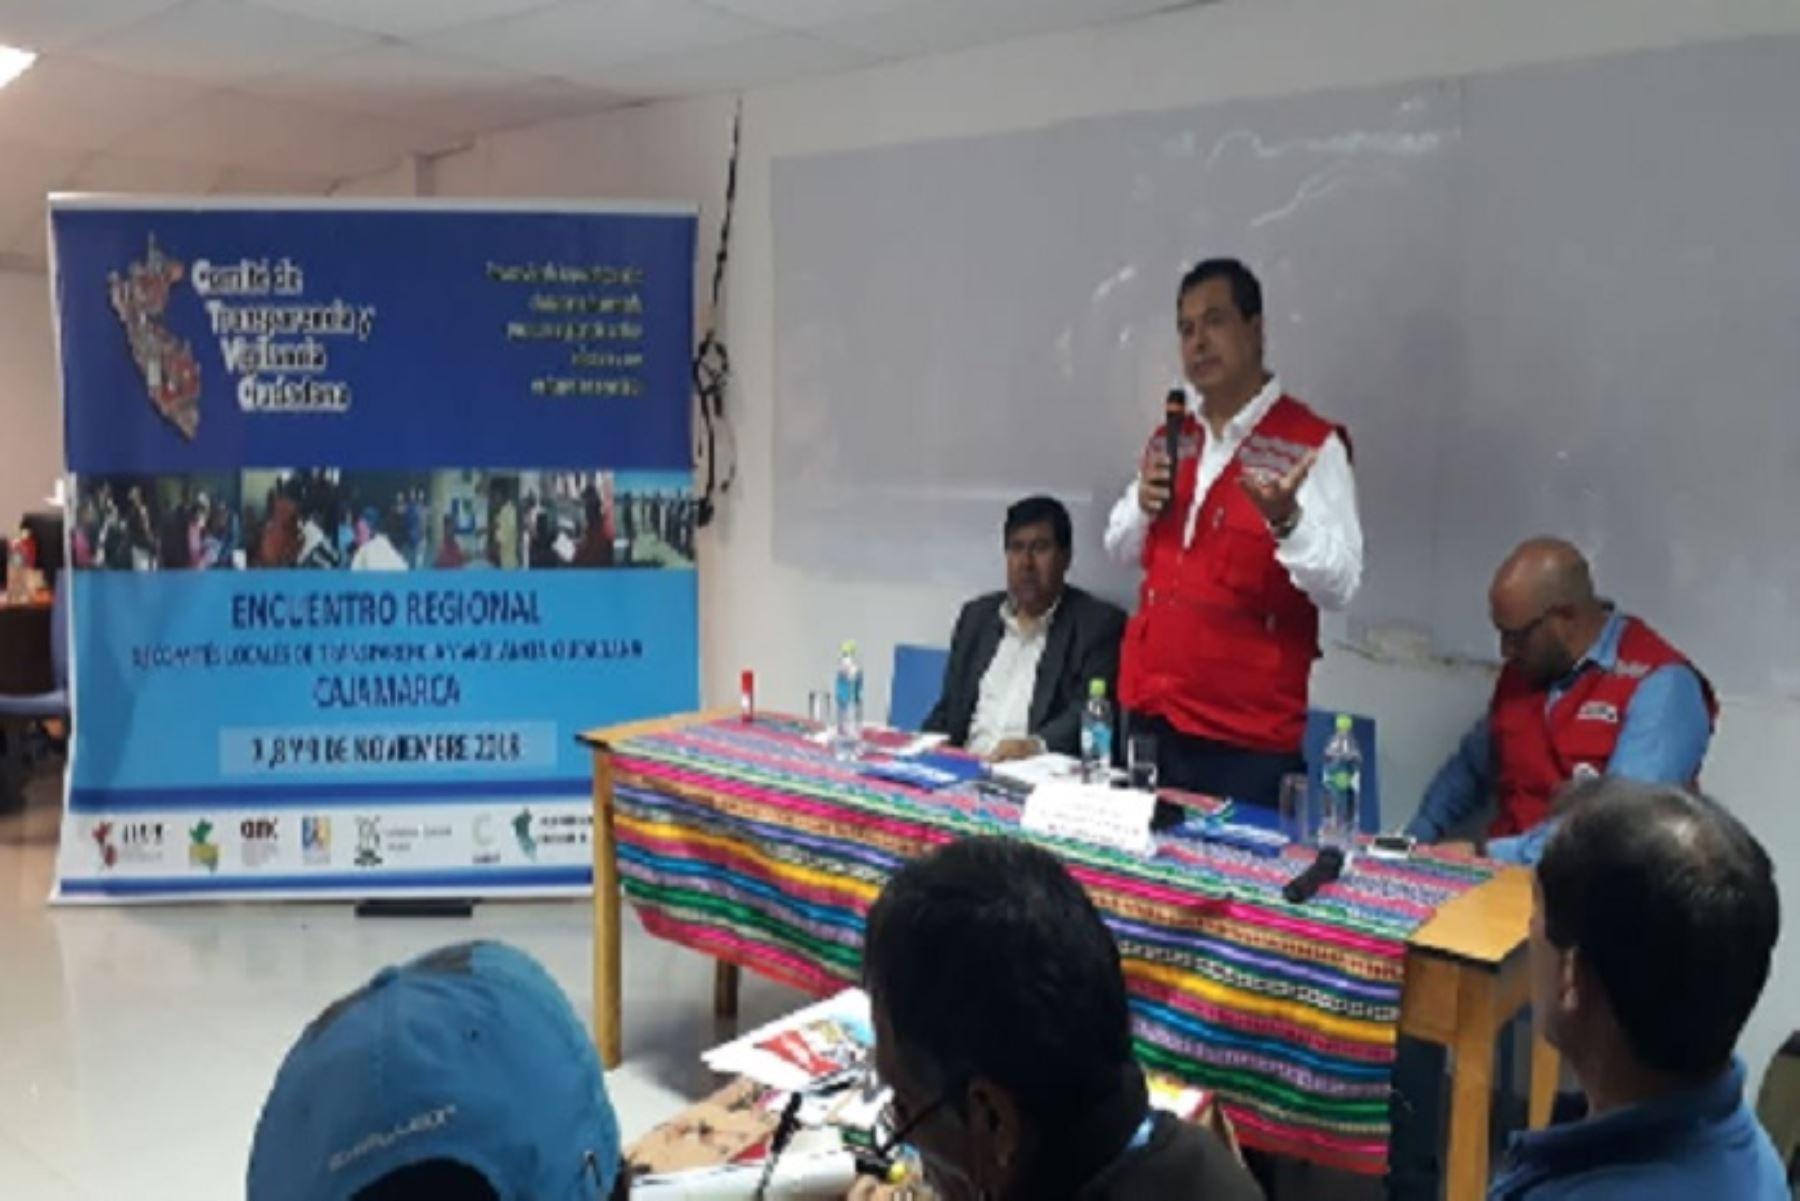 Dentro del lanzamiento de la Agenda de Conmemoración del Bicentenario de la Independencia del Perú en Cajamarca, se priorizará la lucha contra la anemia en esta región, esperándose reducir a la mitad el porcentaje actual que registra: 37.2%.